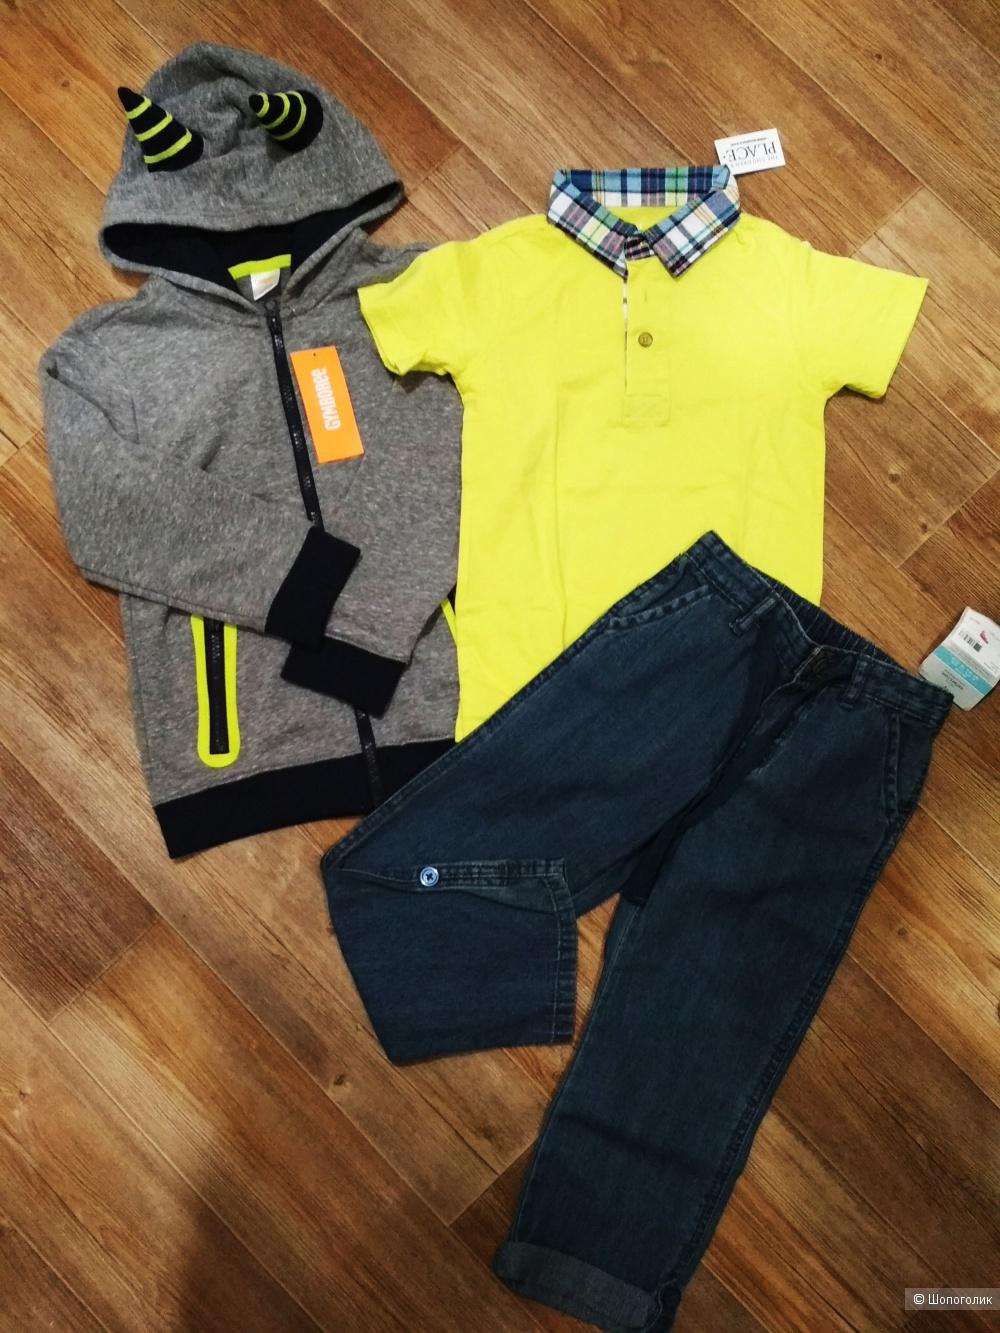 Сет джинсы carters футболка childrensplace толстовка gymboree размер 5 лет